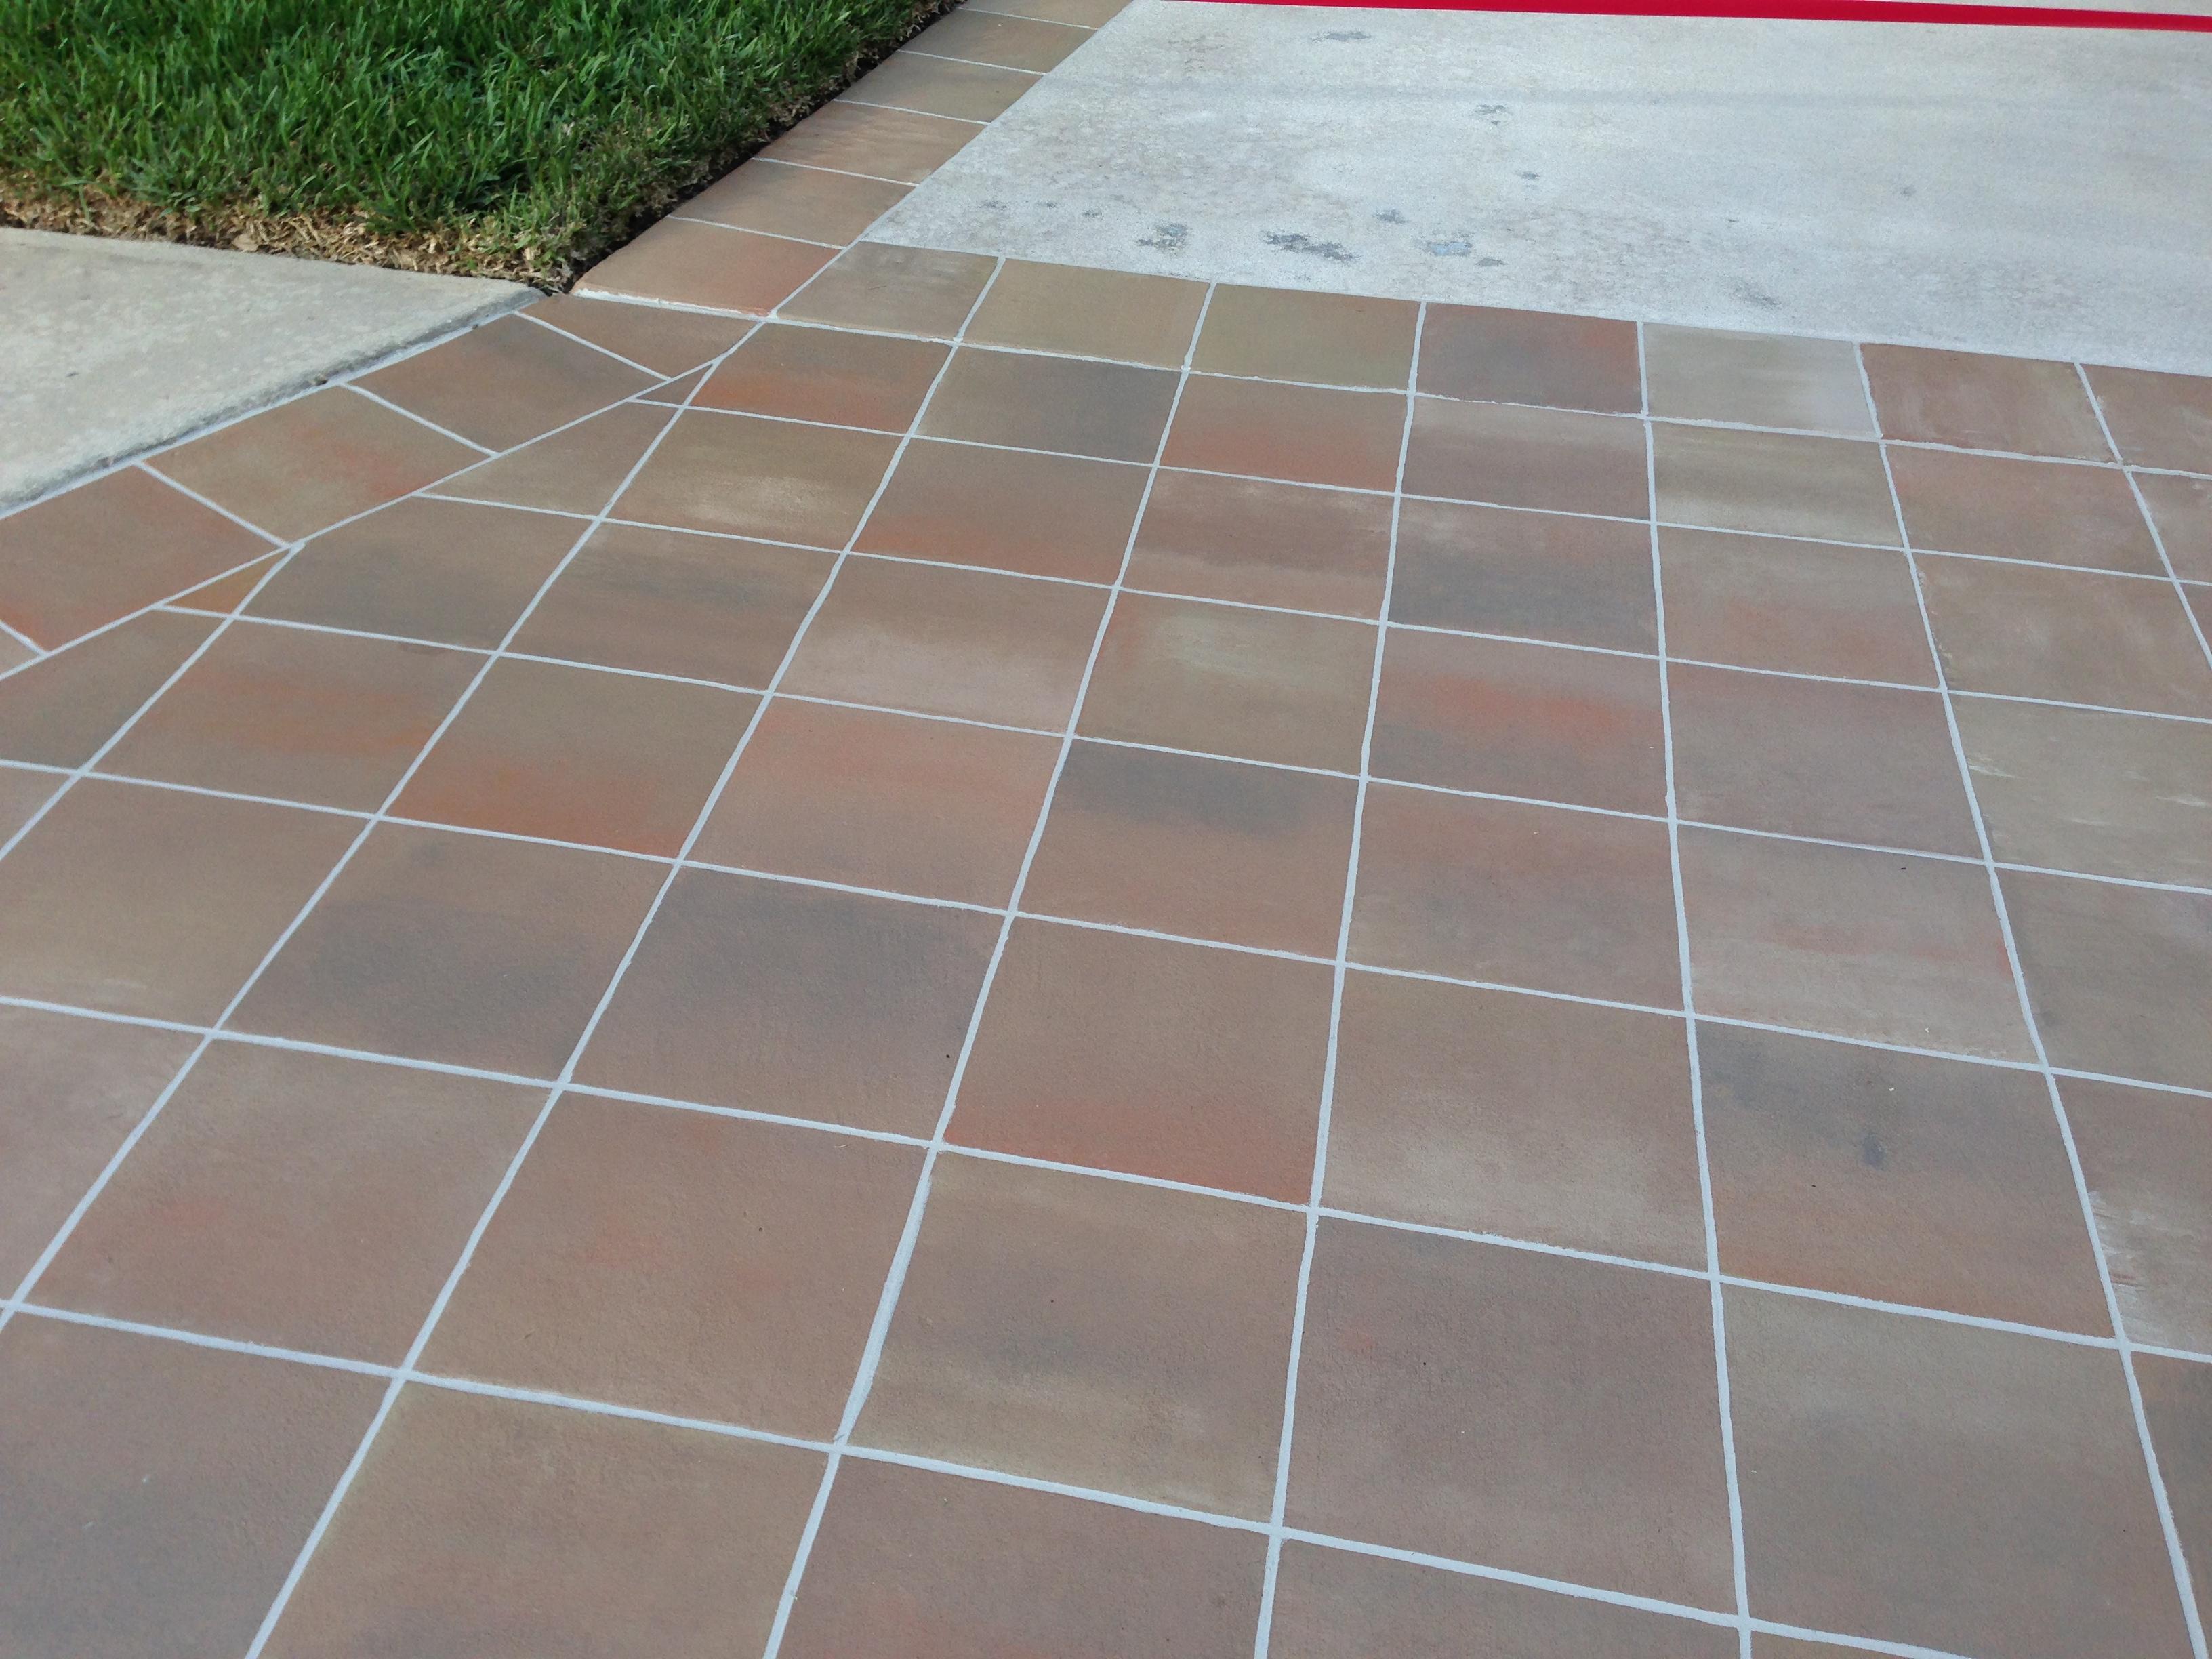 concrete designs florida tile driveway